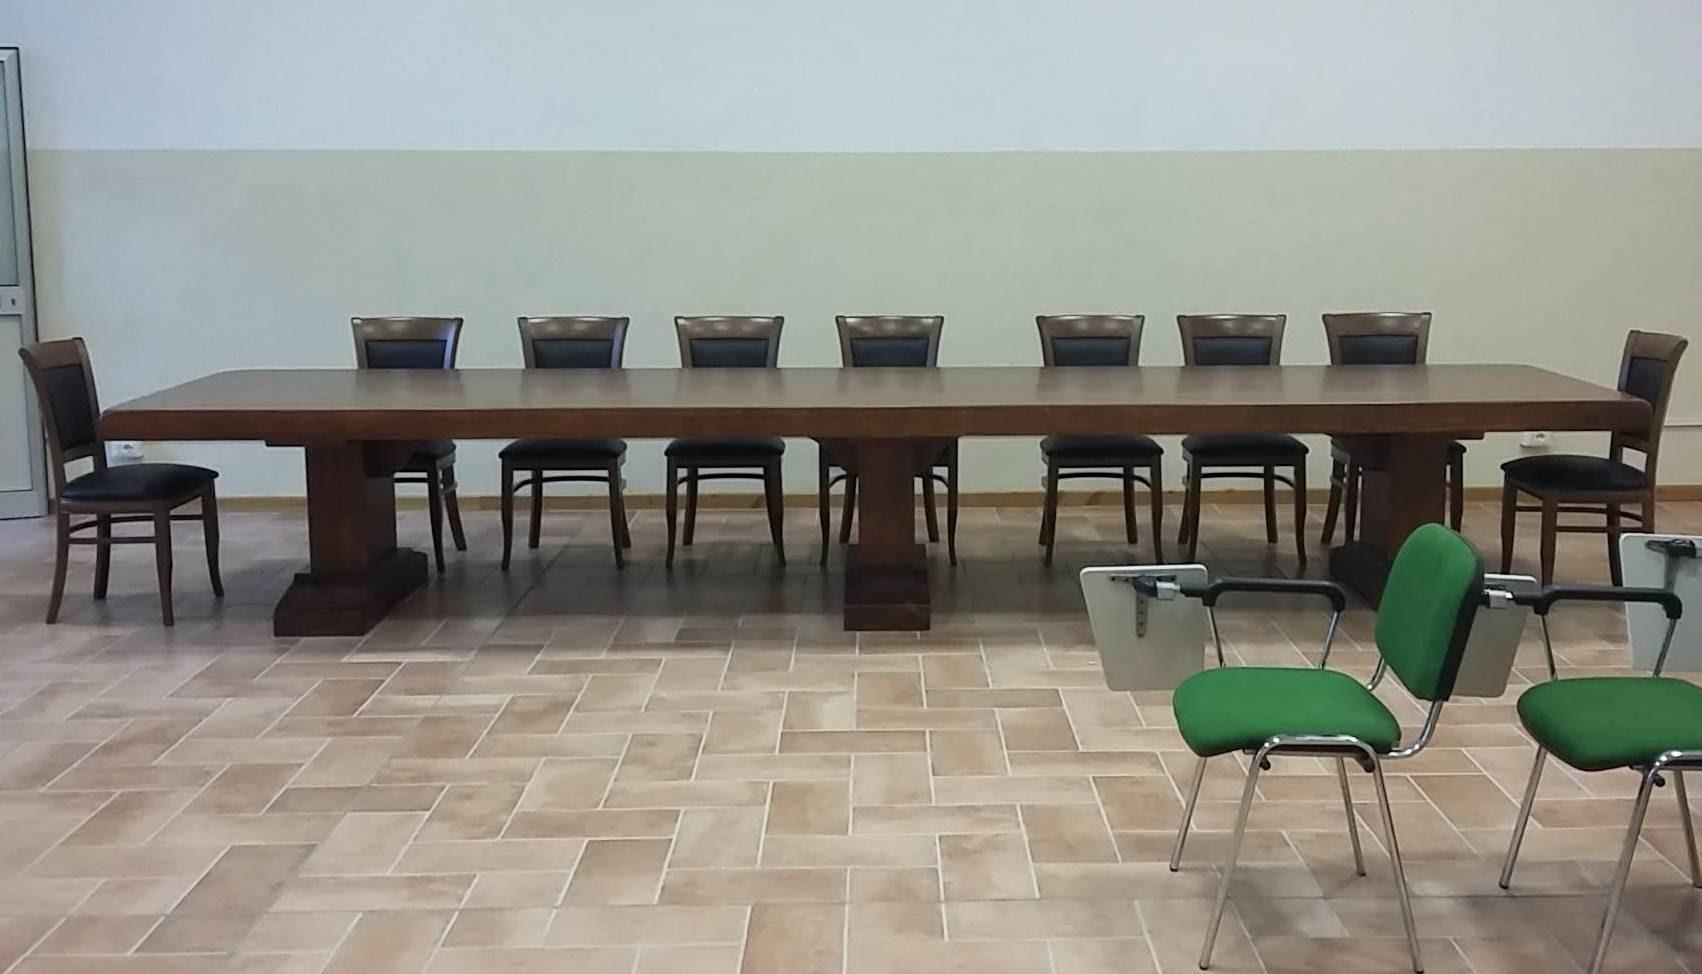 Tavoli su misura in legno roma blog di falegnameriesumisura - Tavoli su misura roma ...